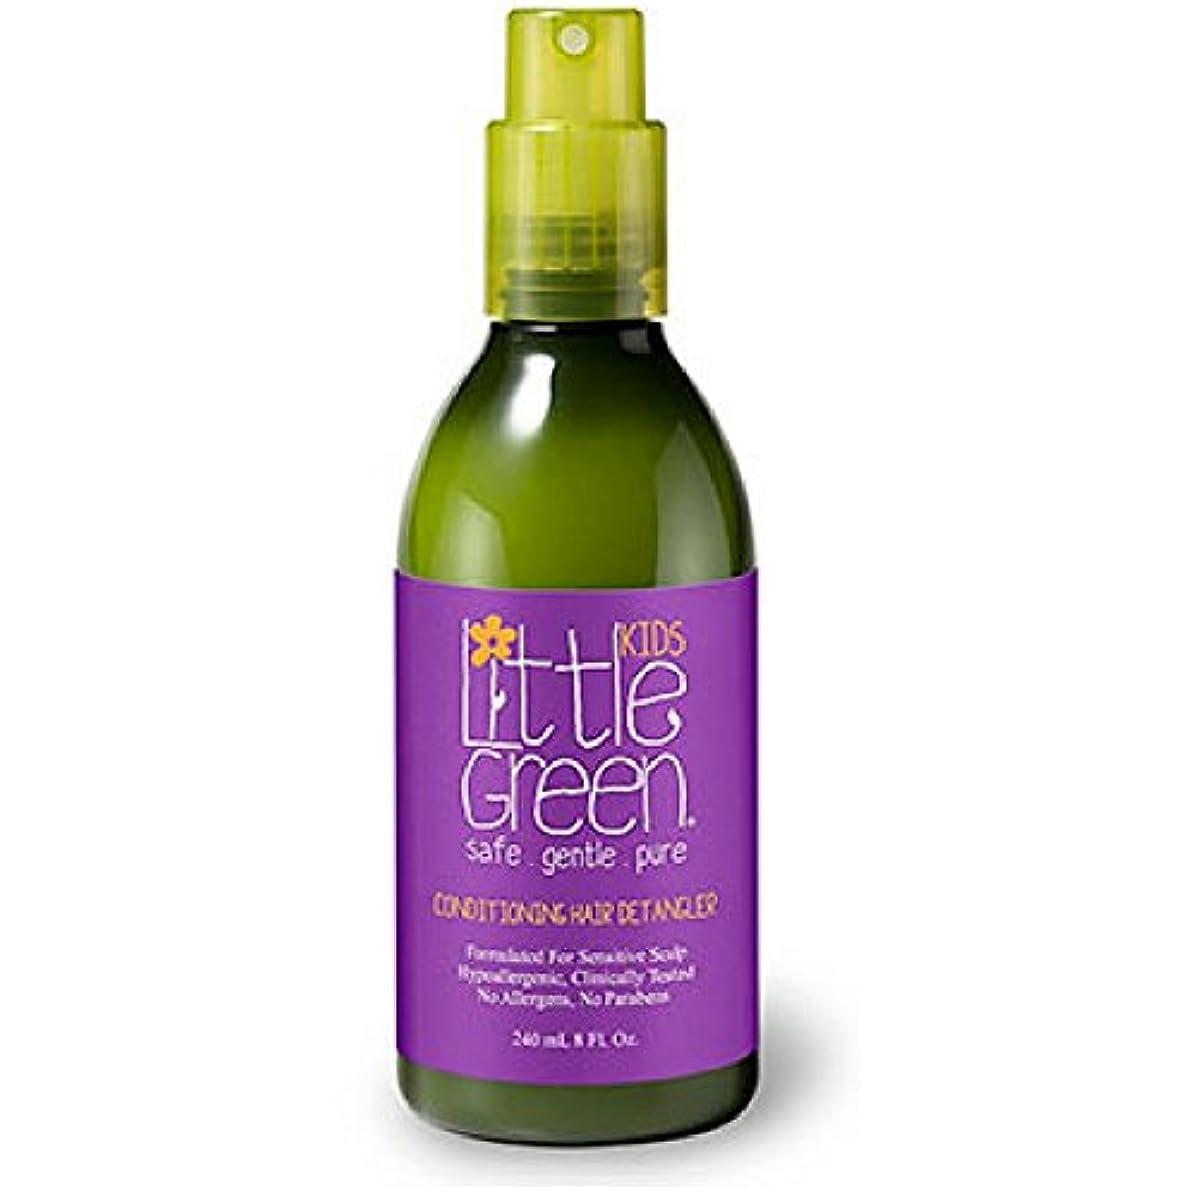 範囲タンカー療法Little Green キッズコンディショニングDetangler - 子供Detanglerスプレー - 安全かつ非毒性 - 低刺激性 - - パラベンやグルテンフリー - ウェットまたはドライの髪に使用し臨床的に子供...